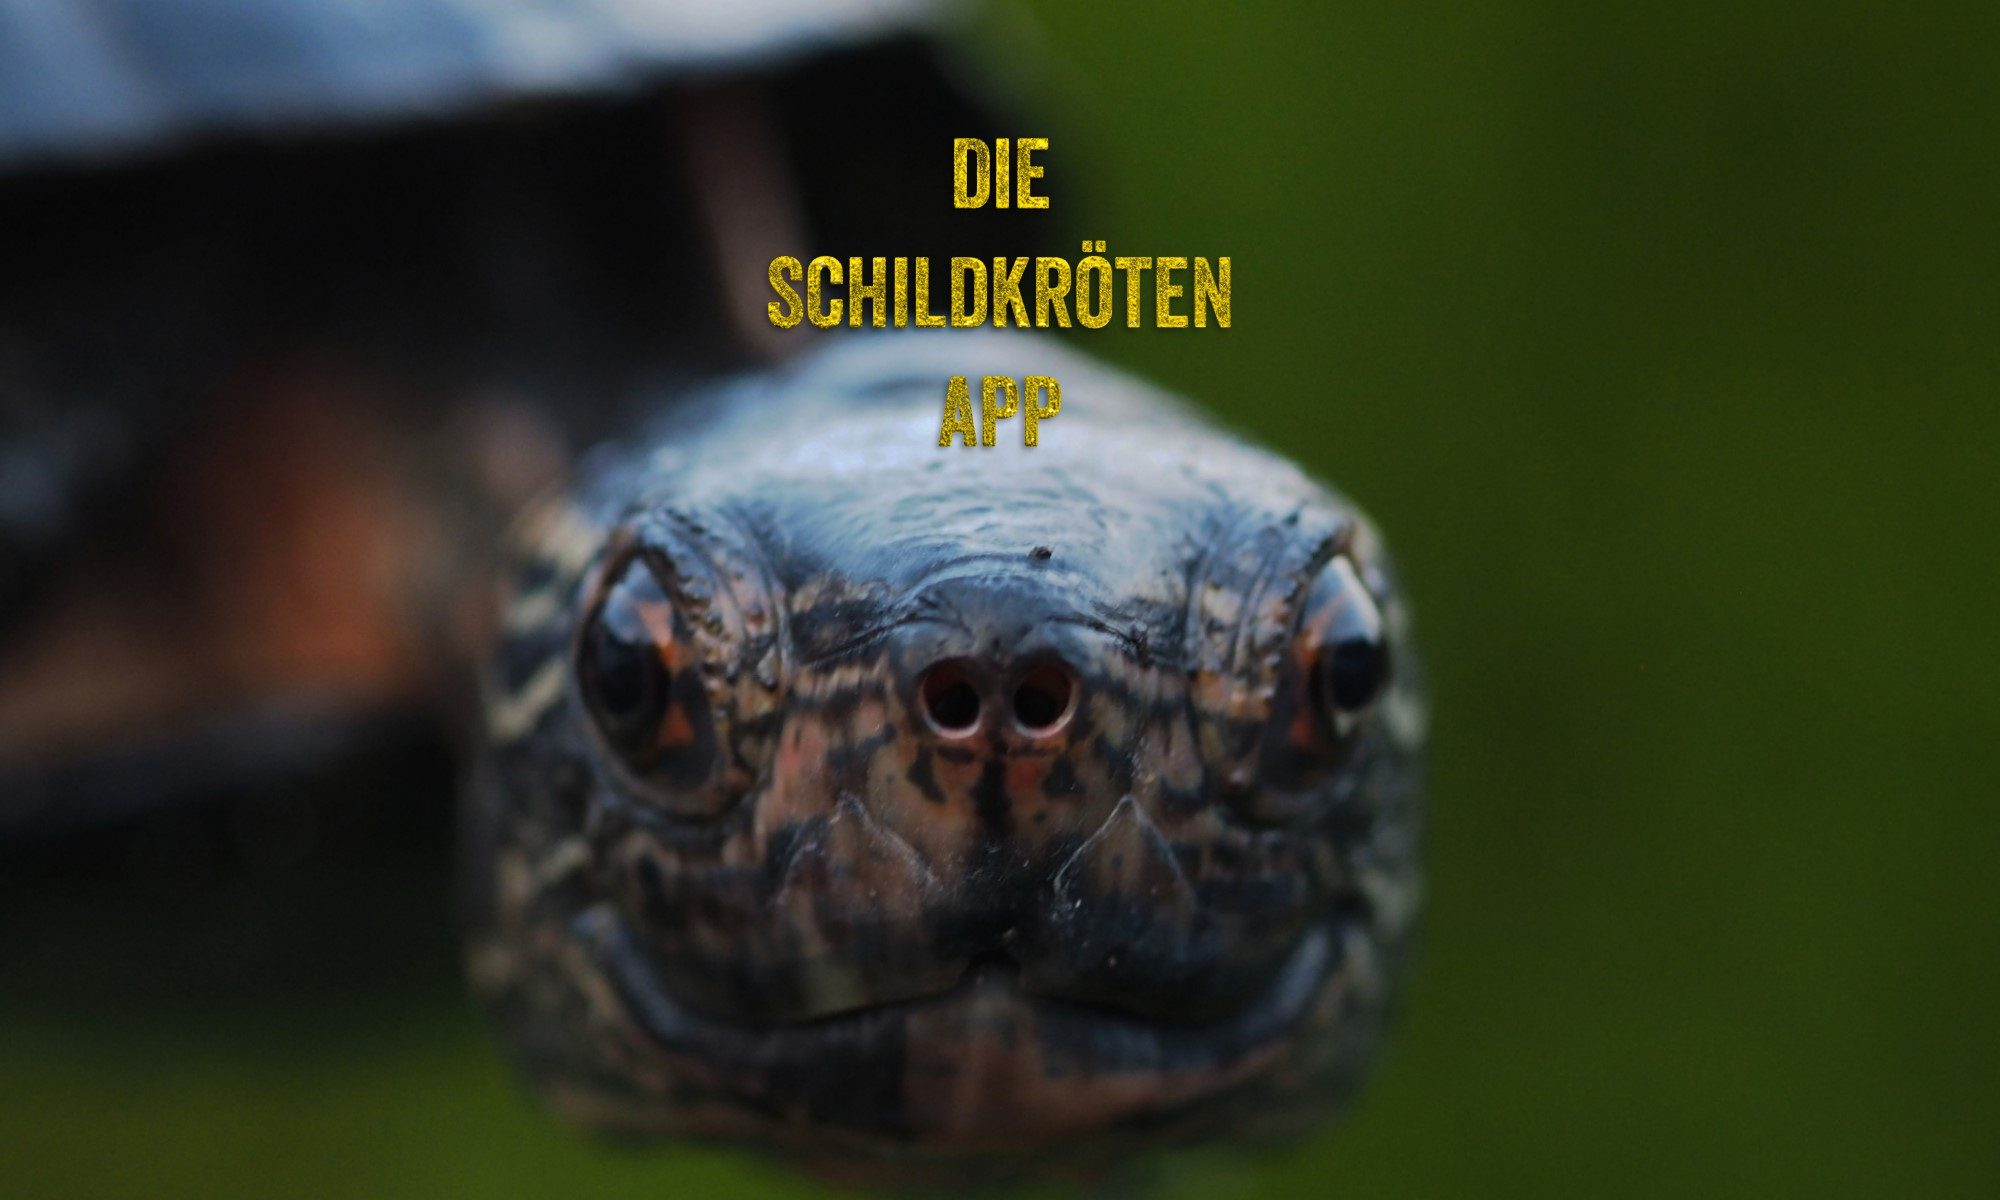 Die Schildkröten App